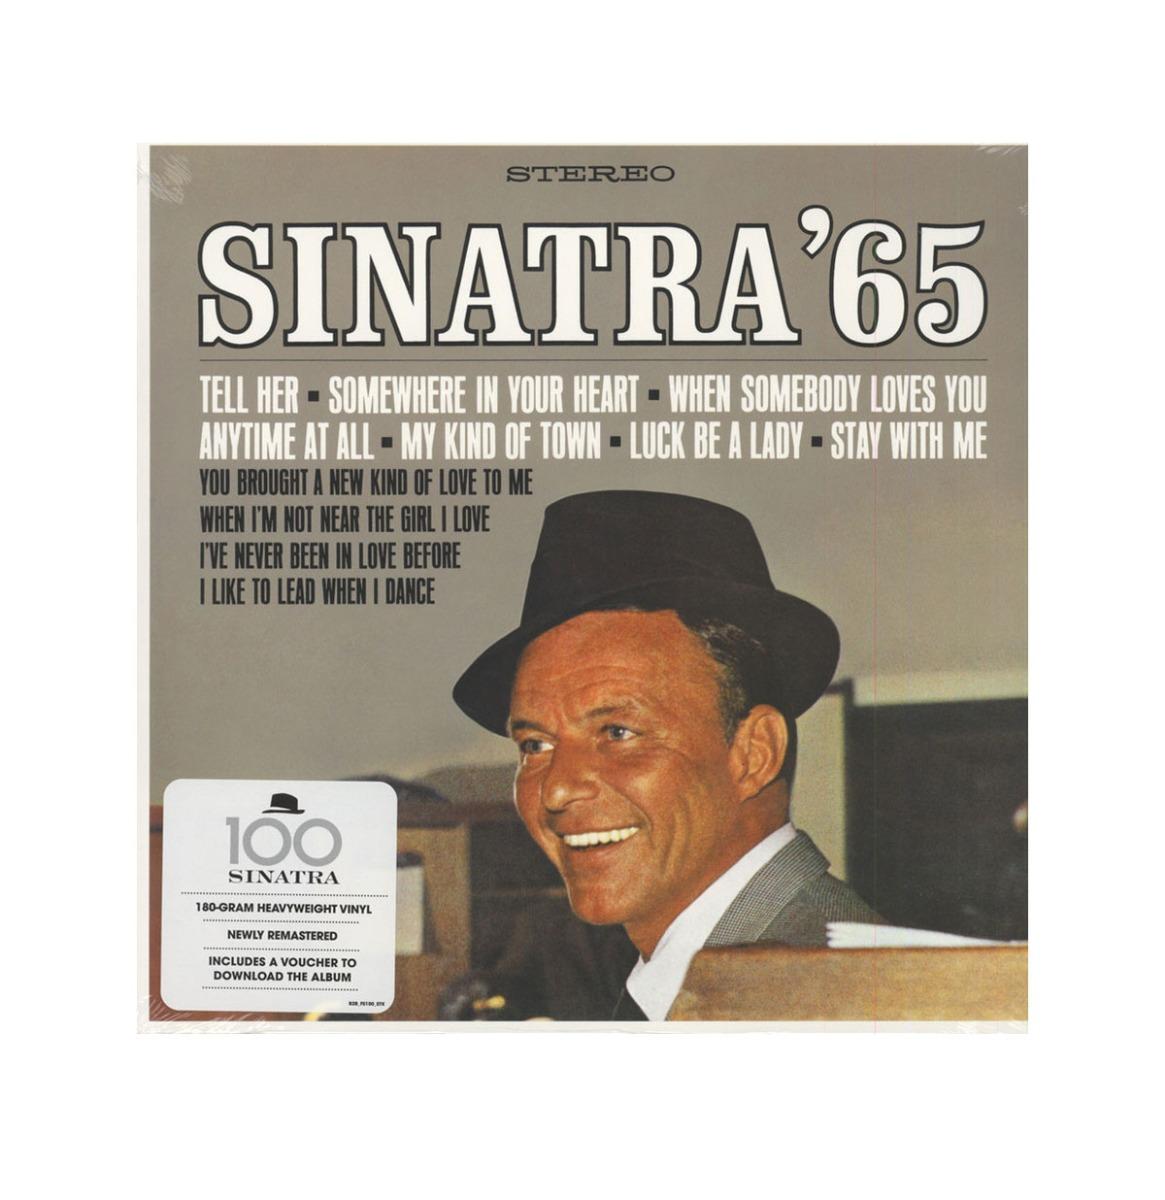 Frank Sinatra - Sinatra '65 LP